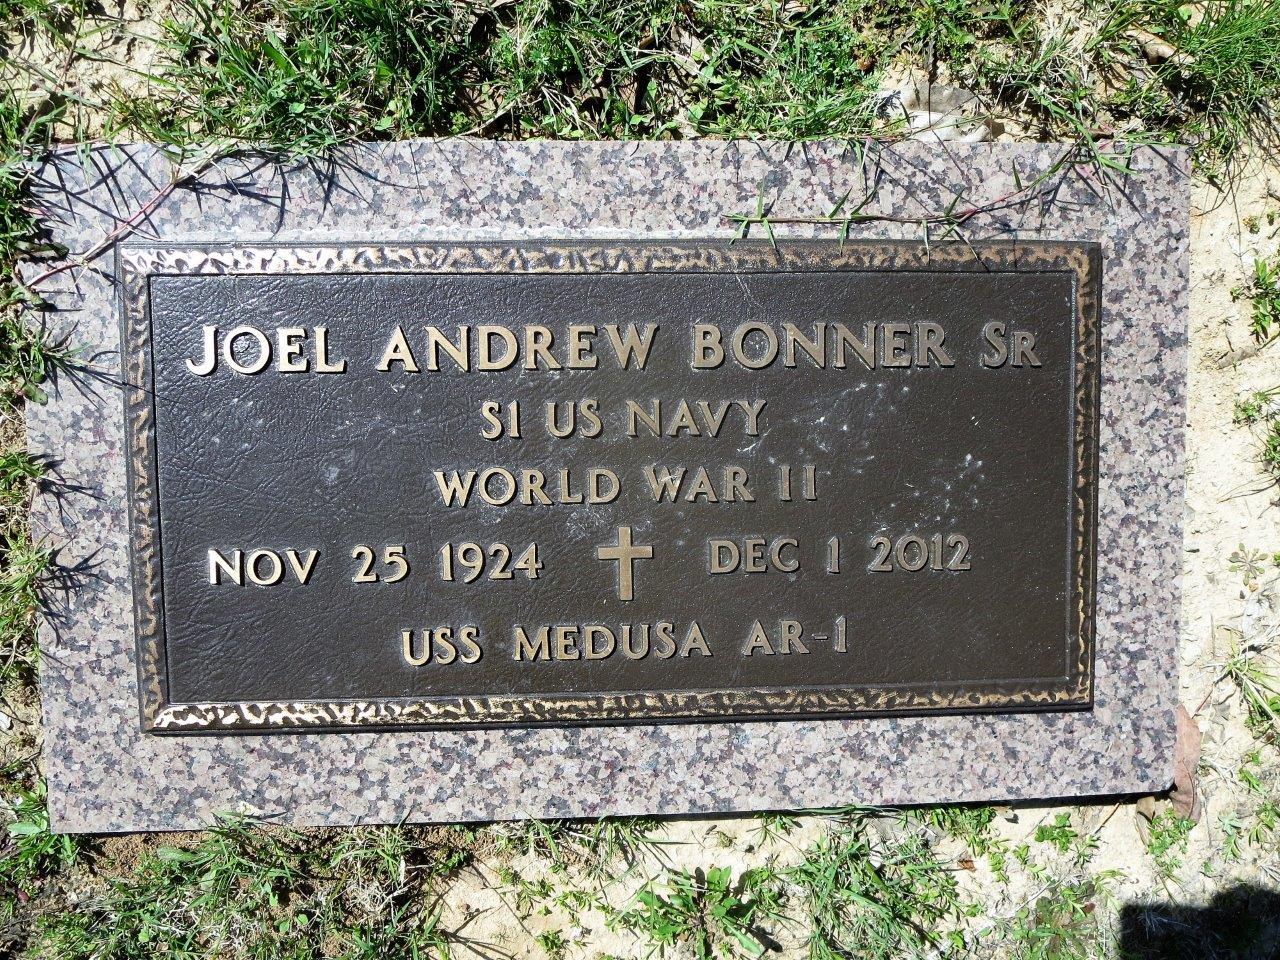 Joel Andrew Bonner